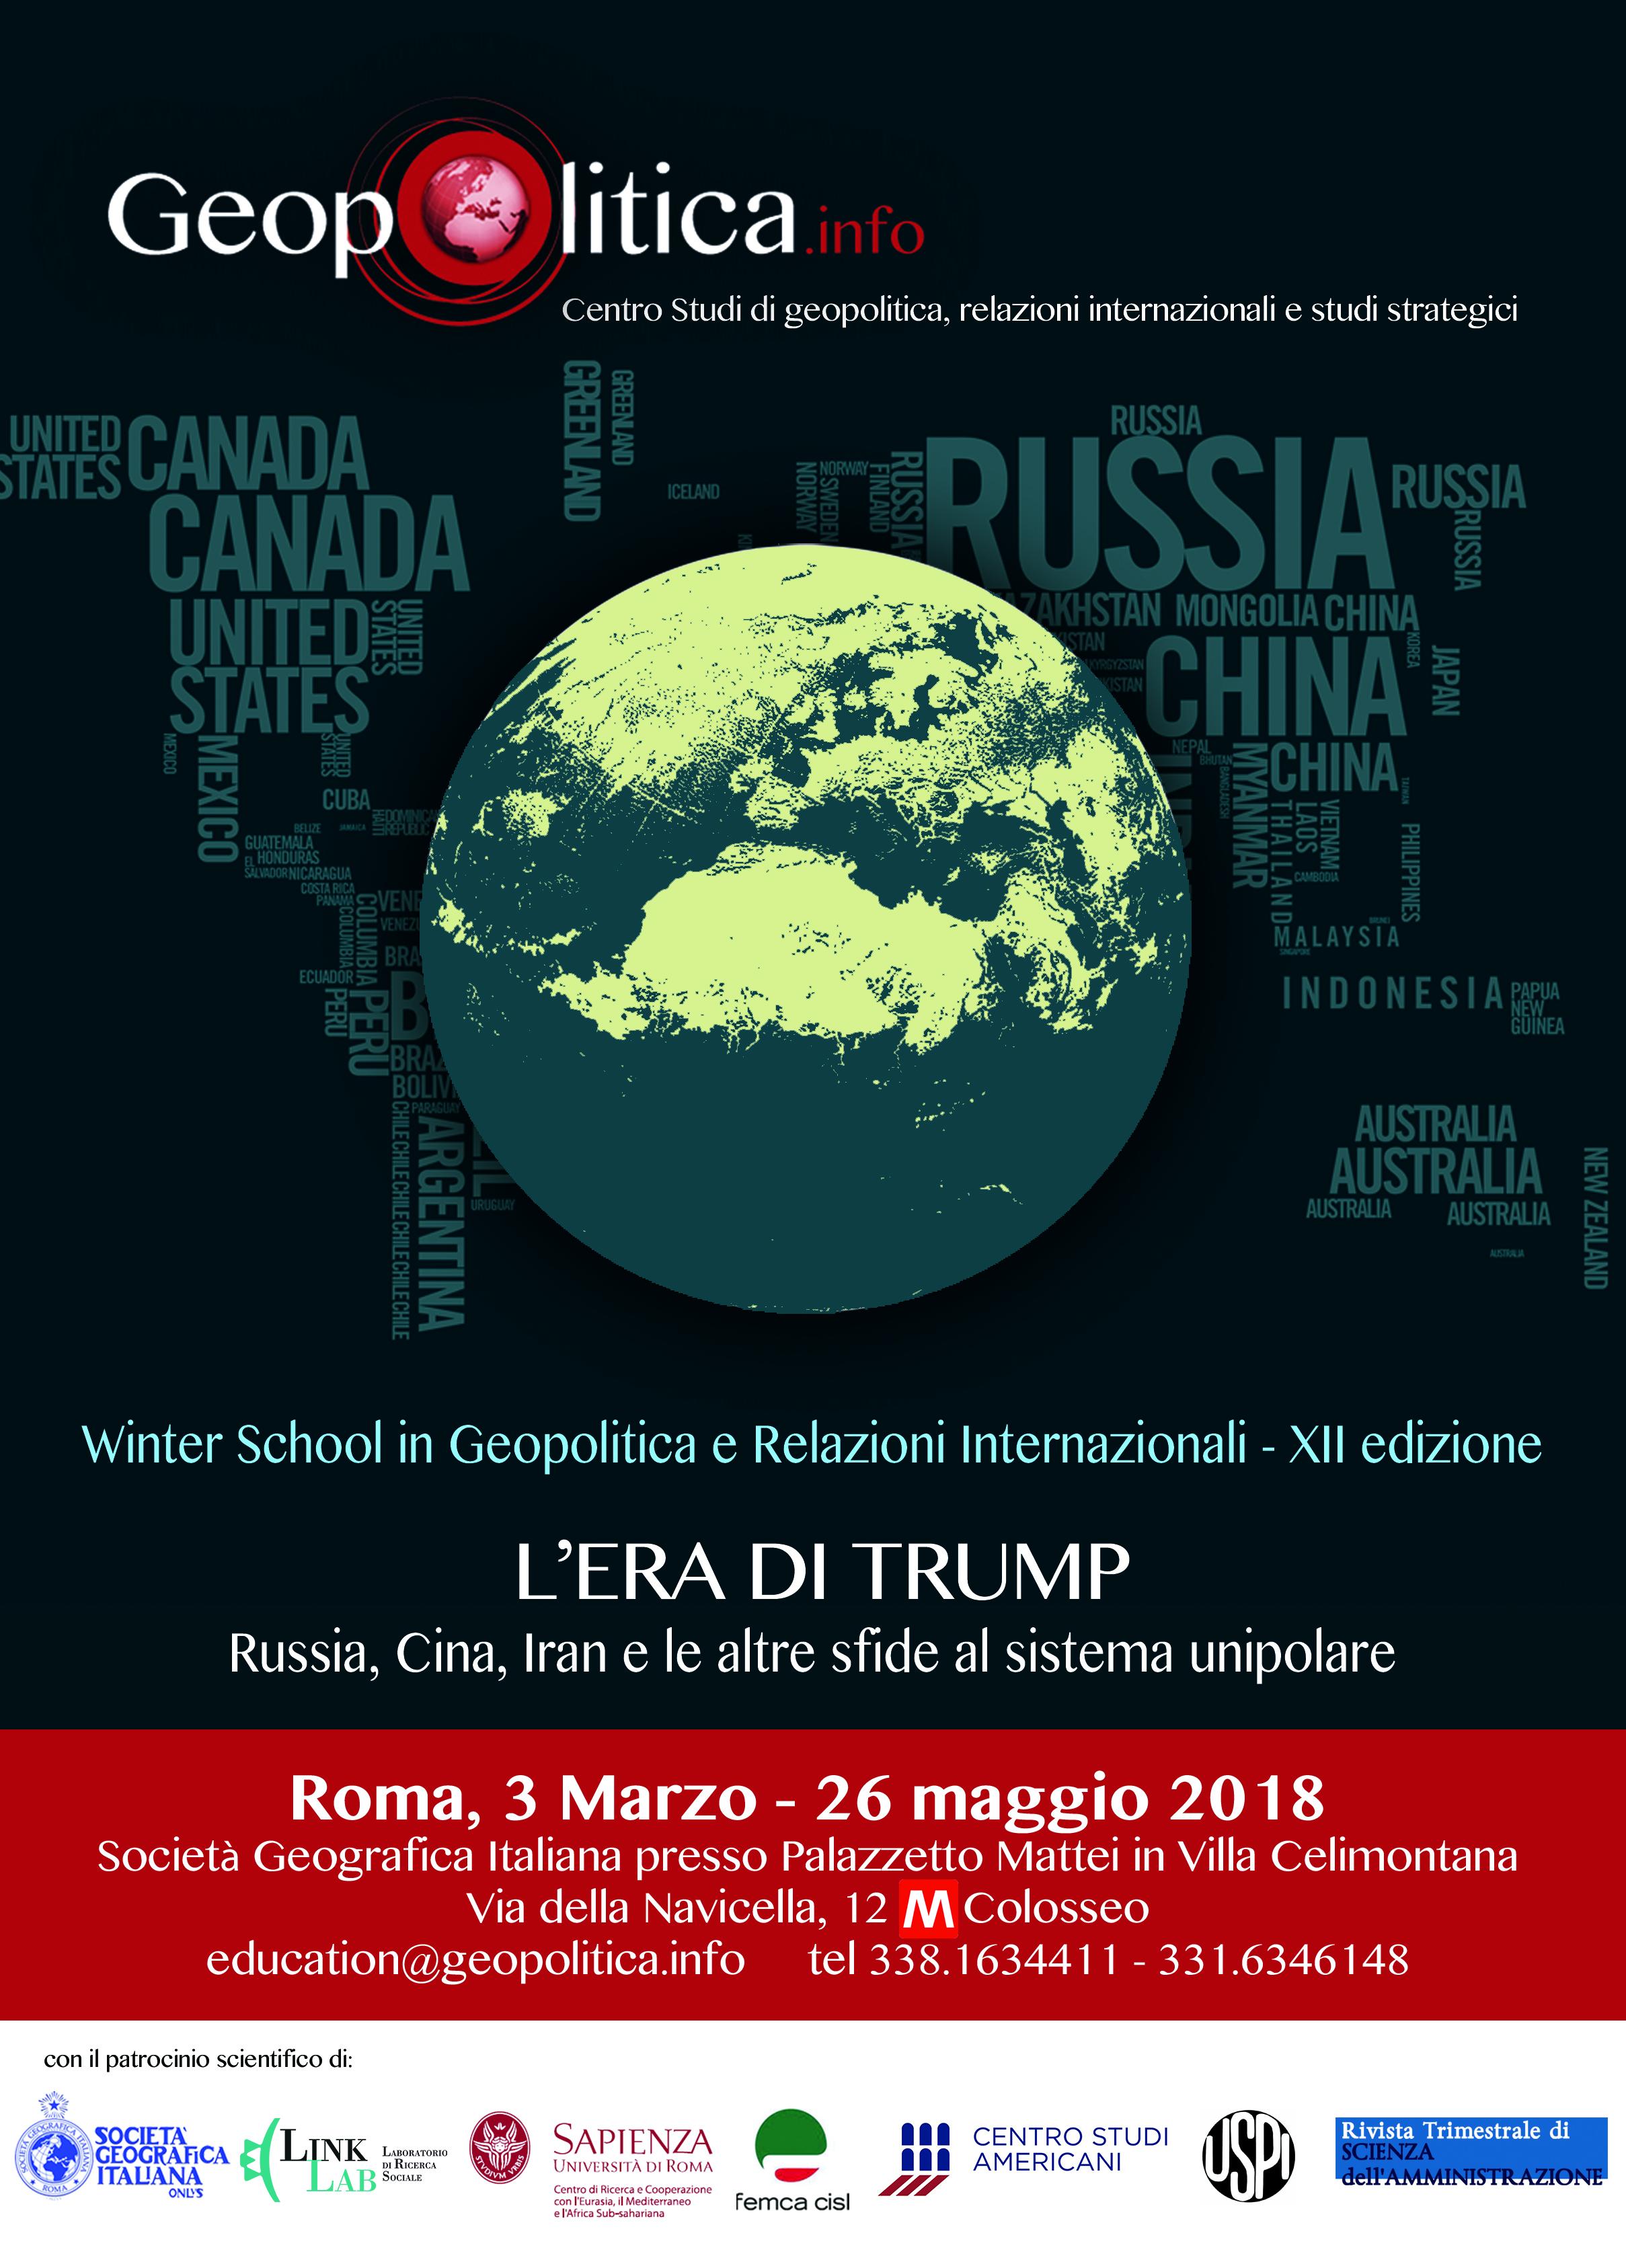 XII Winter School in Geopolitica e Relazioni internazionali a Roma / dal 3 marzo 2018 – Scarica il programma! - GEOPOLITICA.info